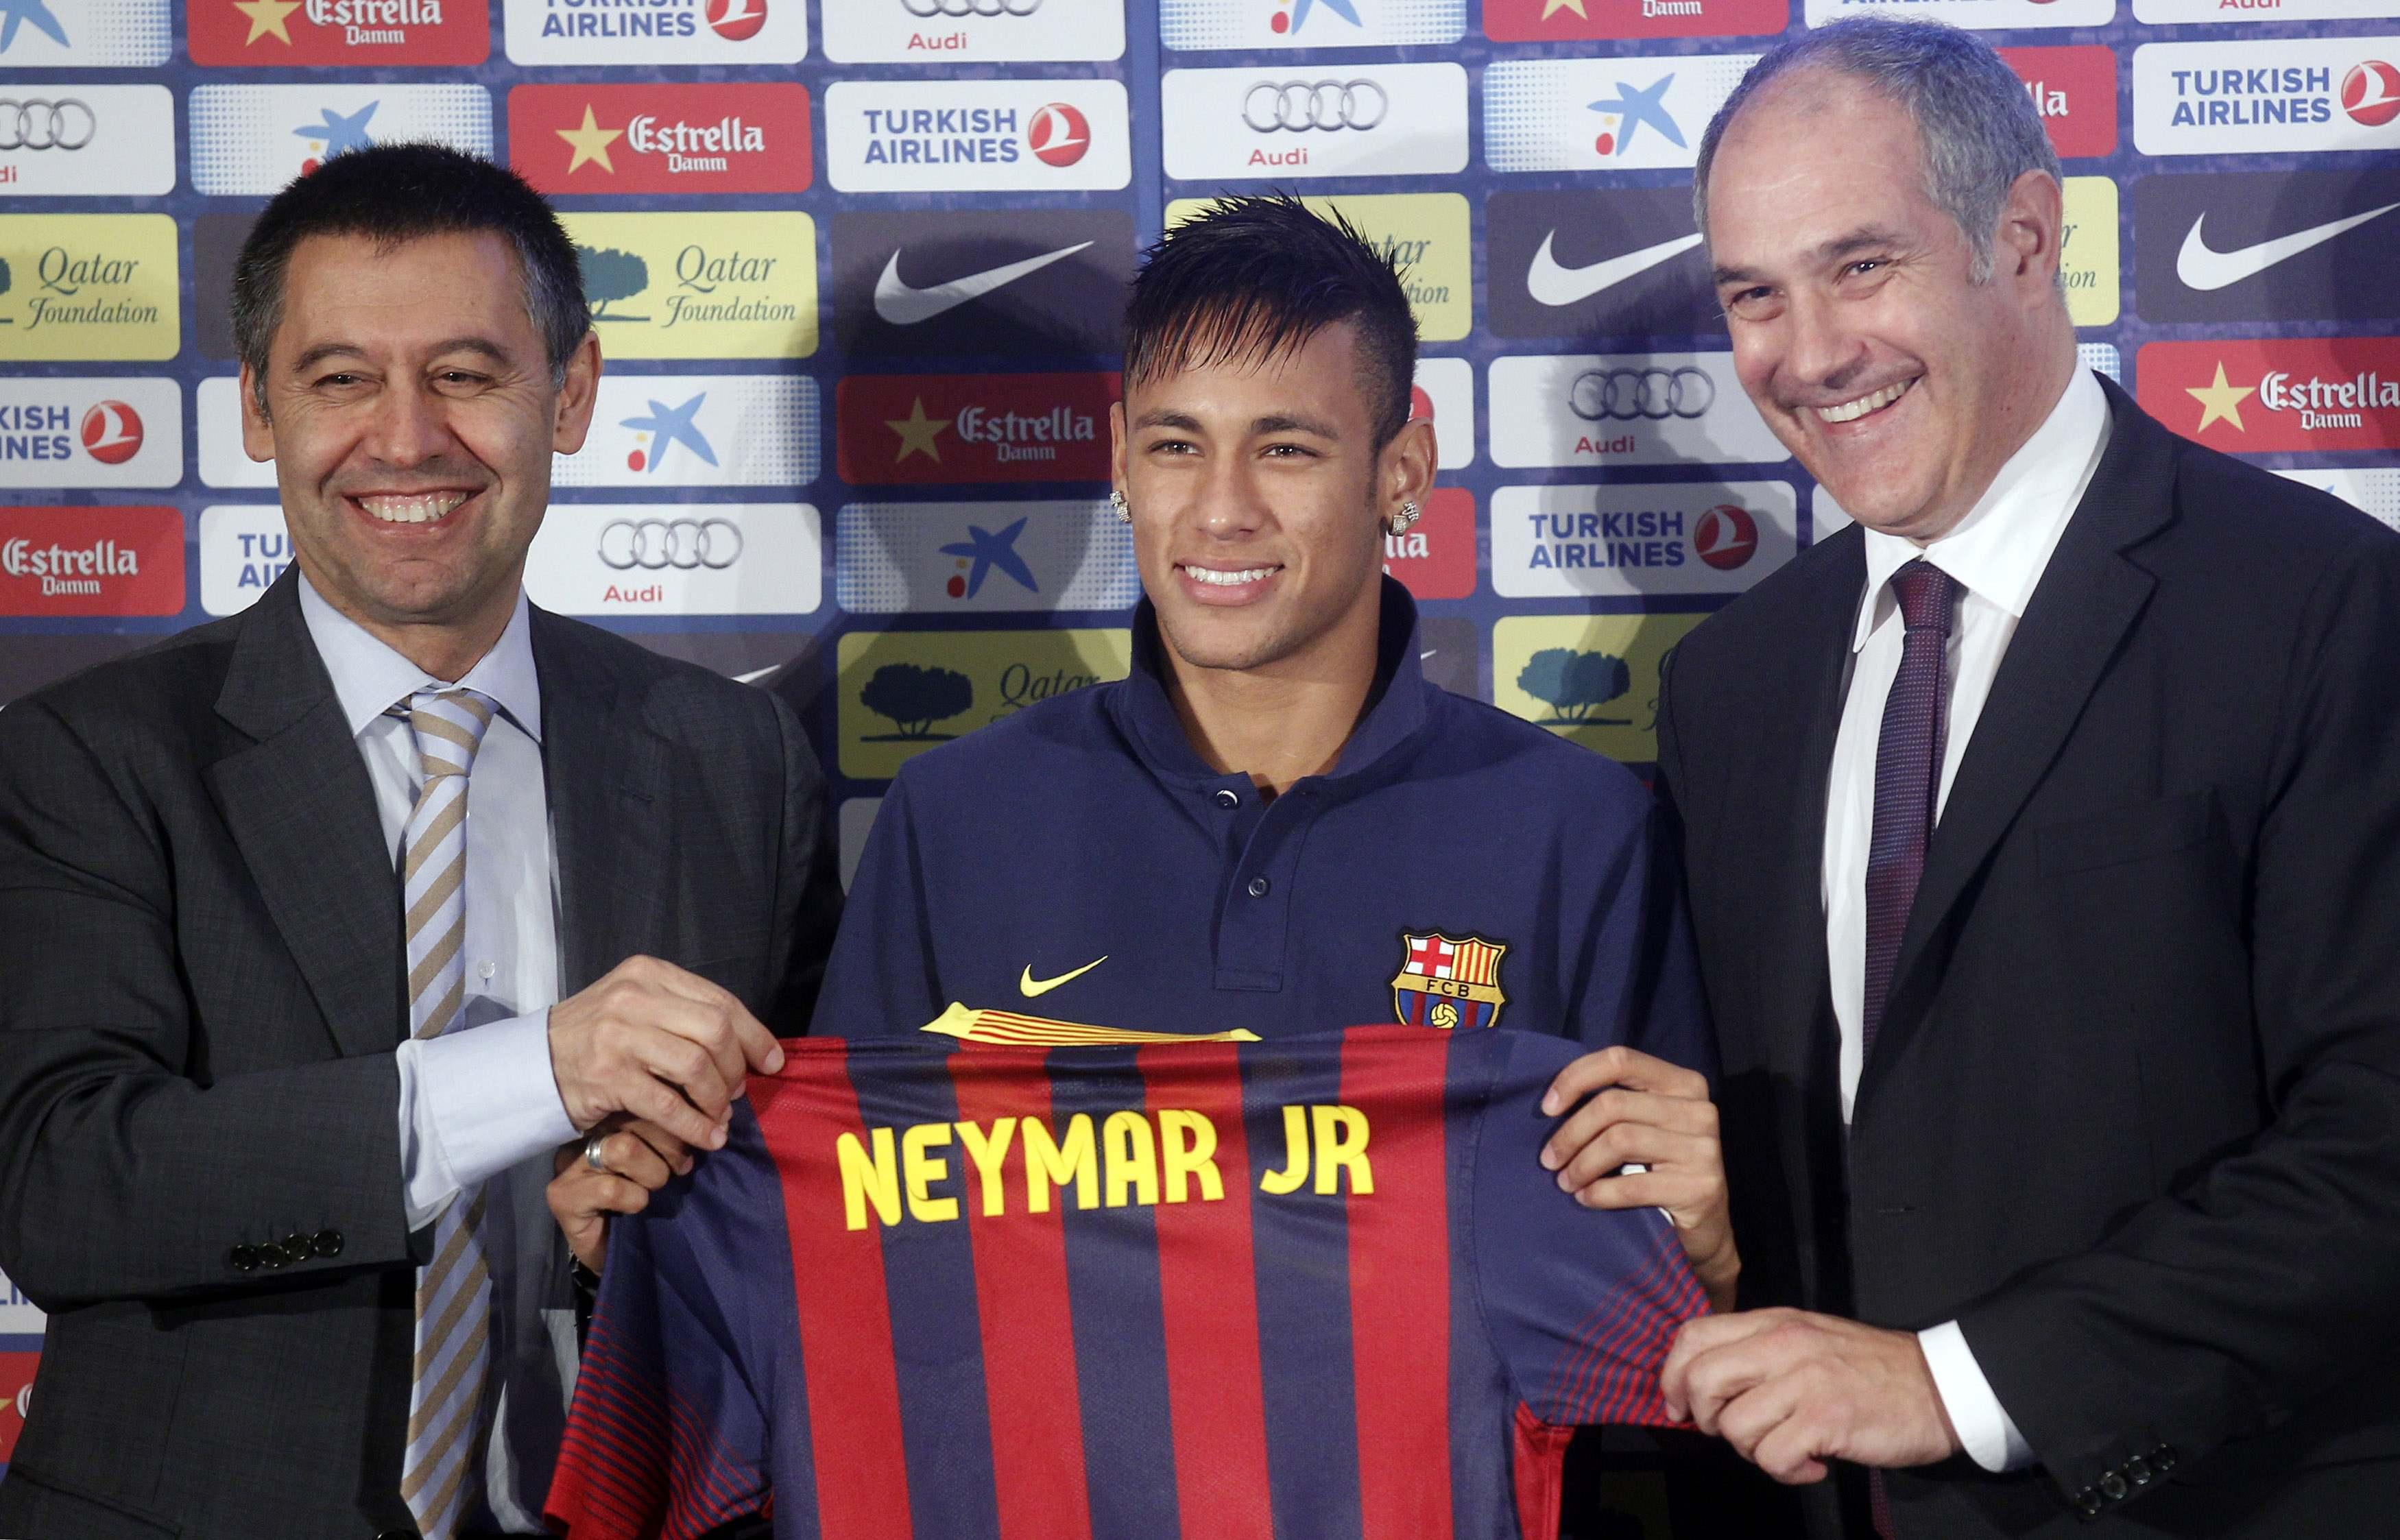 Neymar verso il processo per frode: l'Alta Corte respinge l'appello